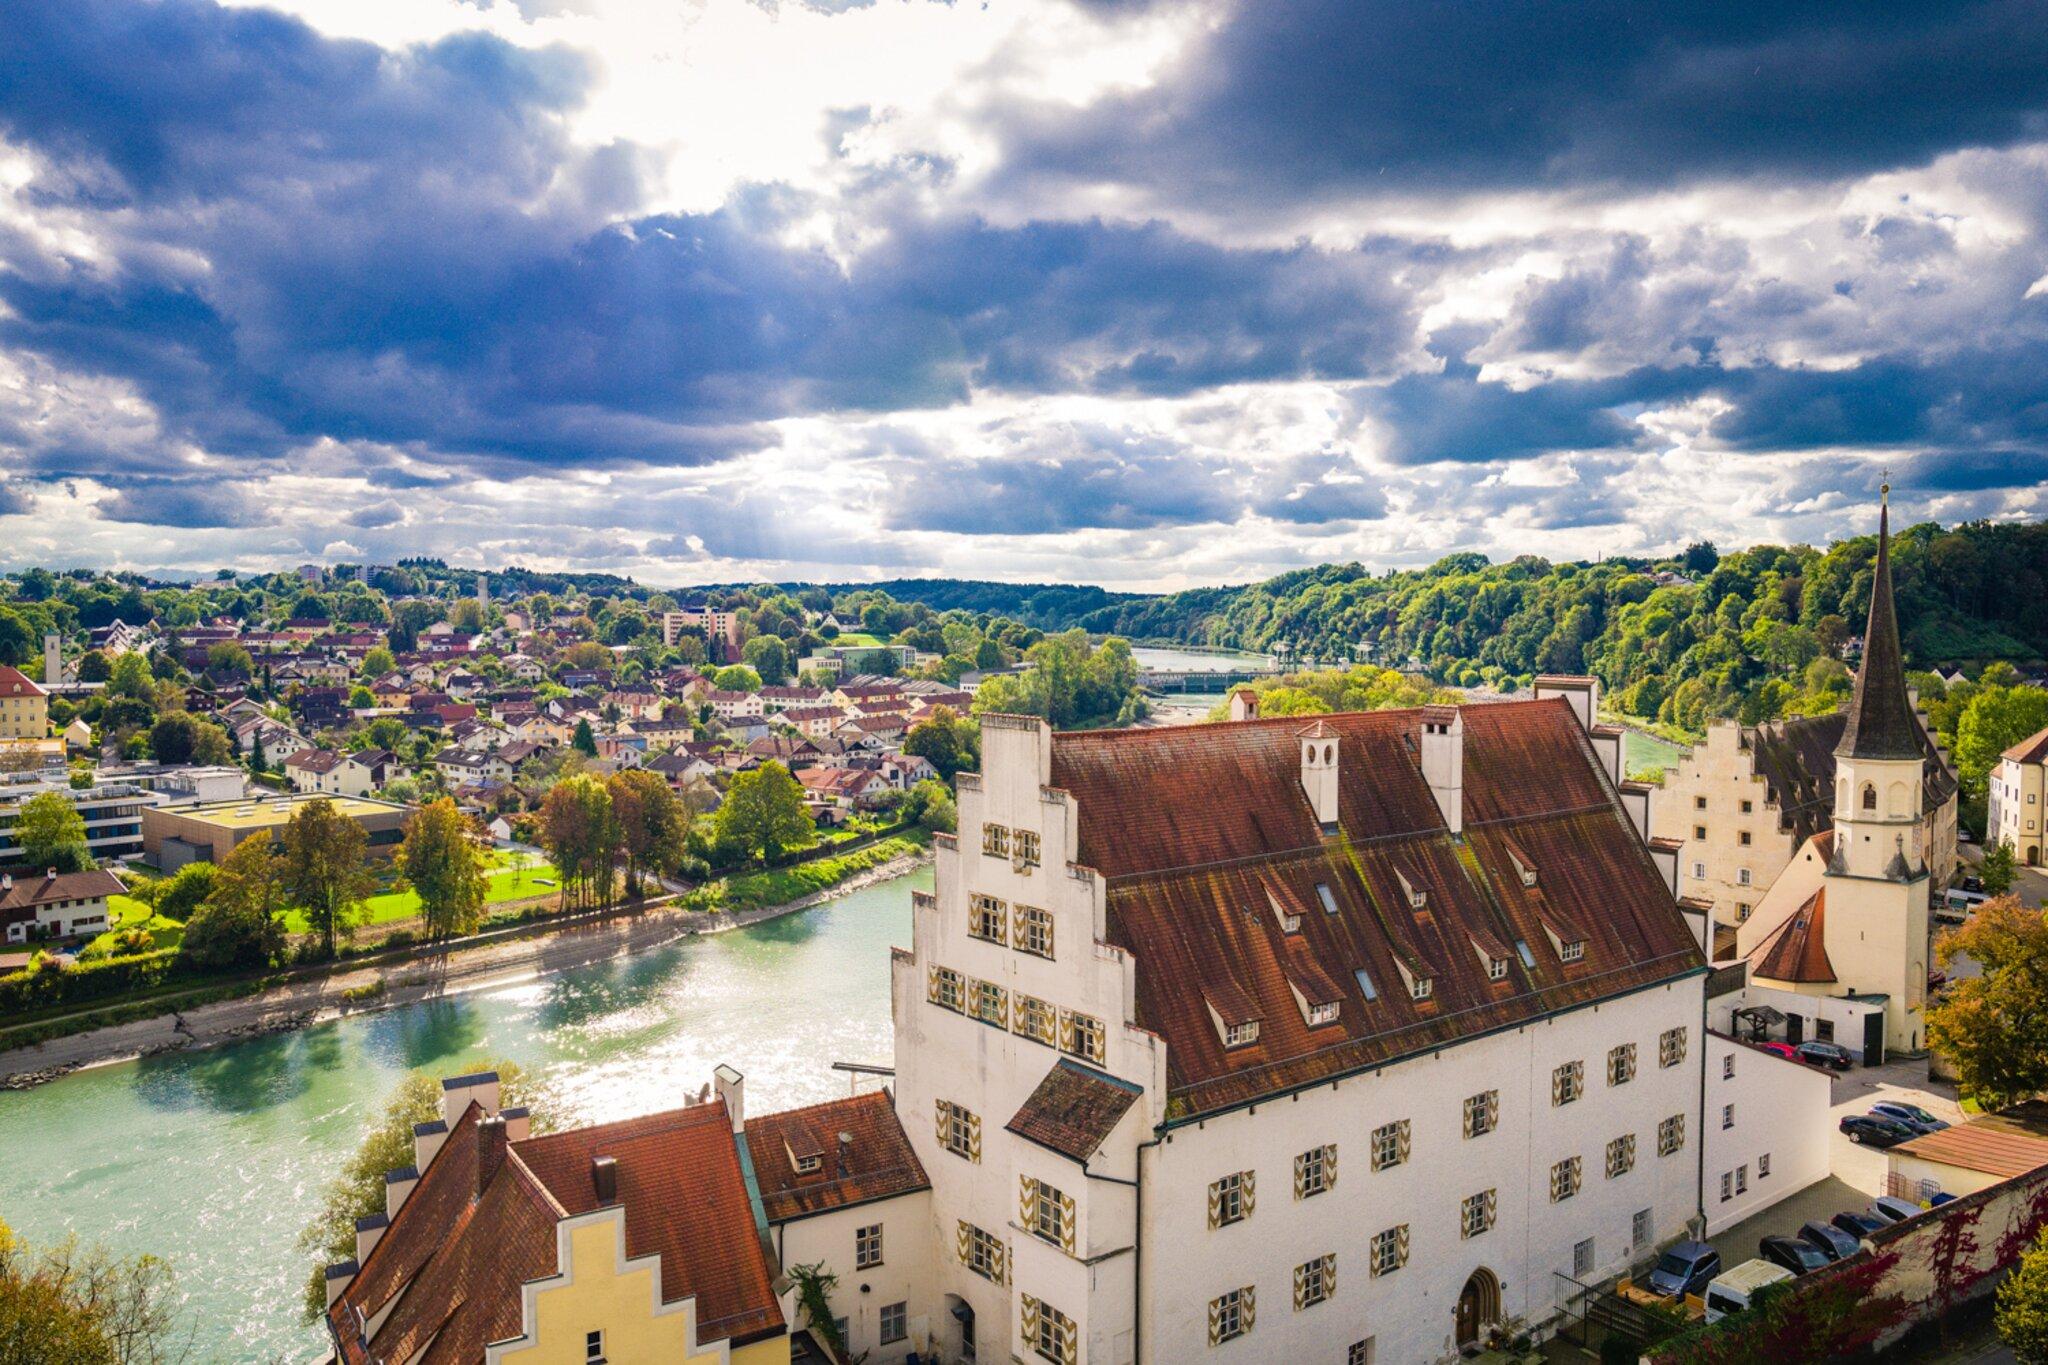 Reise                                                                  Radrundweg bietet besondere Ansichten in Wasserburg am Inn